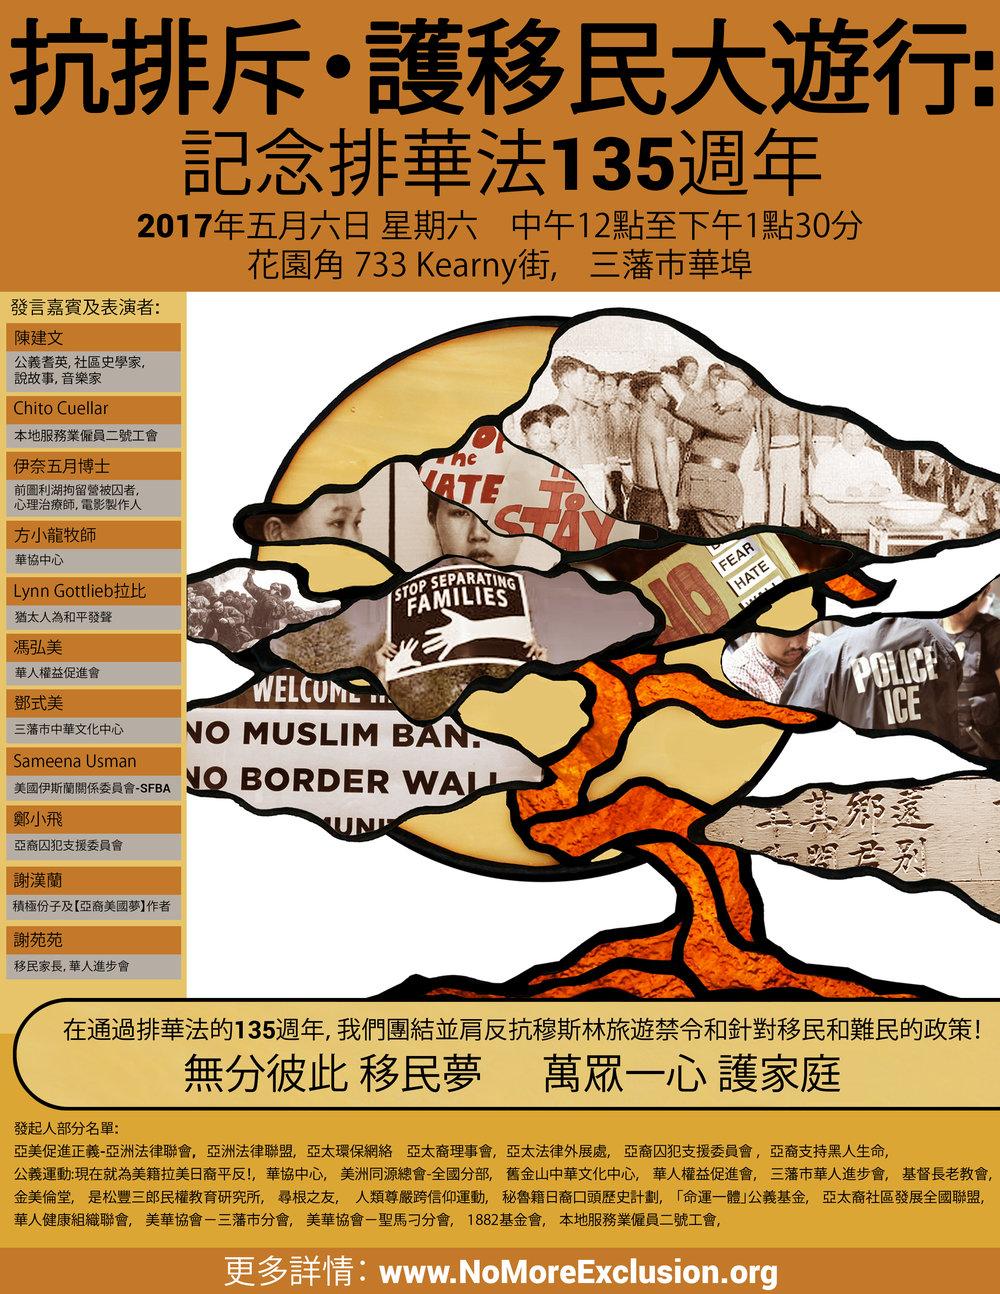 rally_2017_chinese.jpg